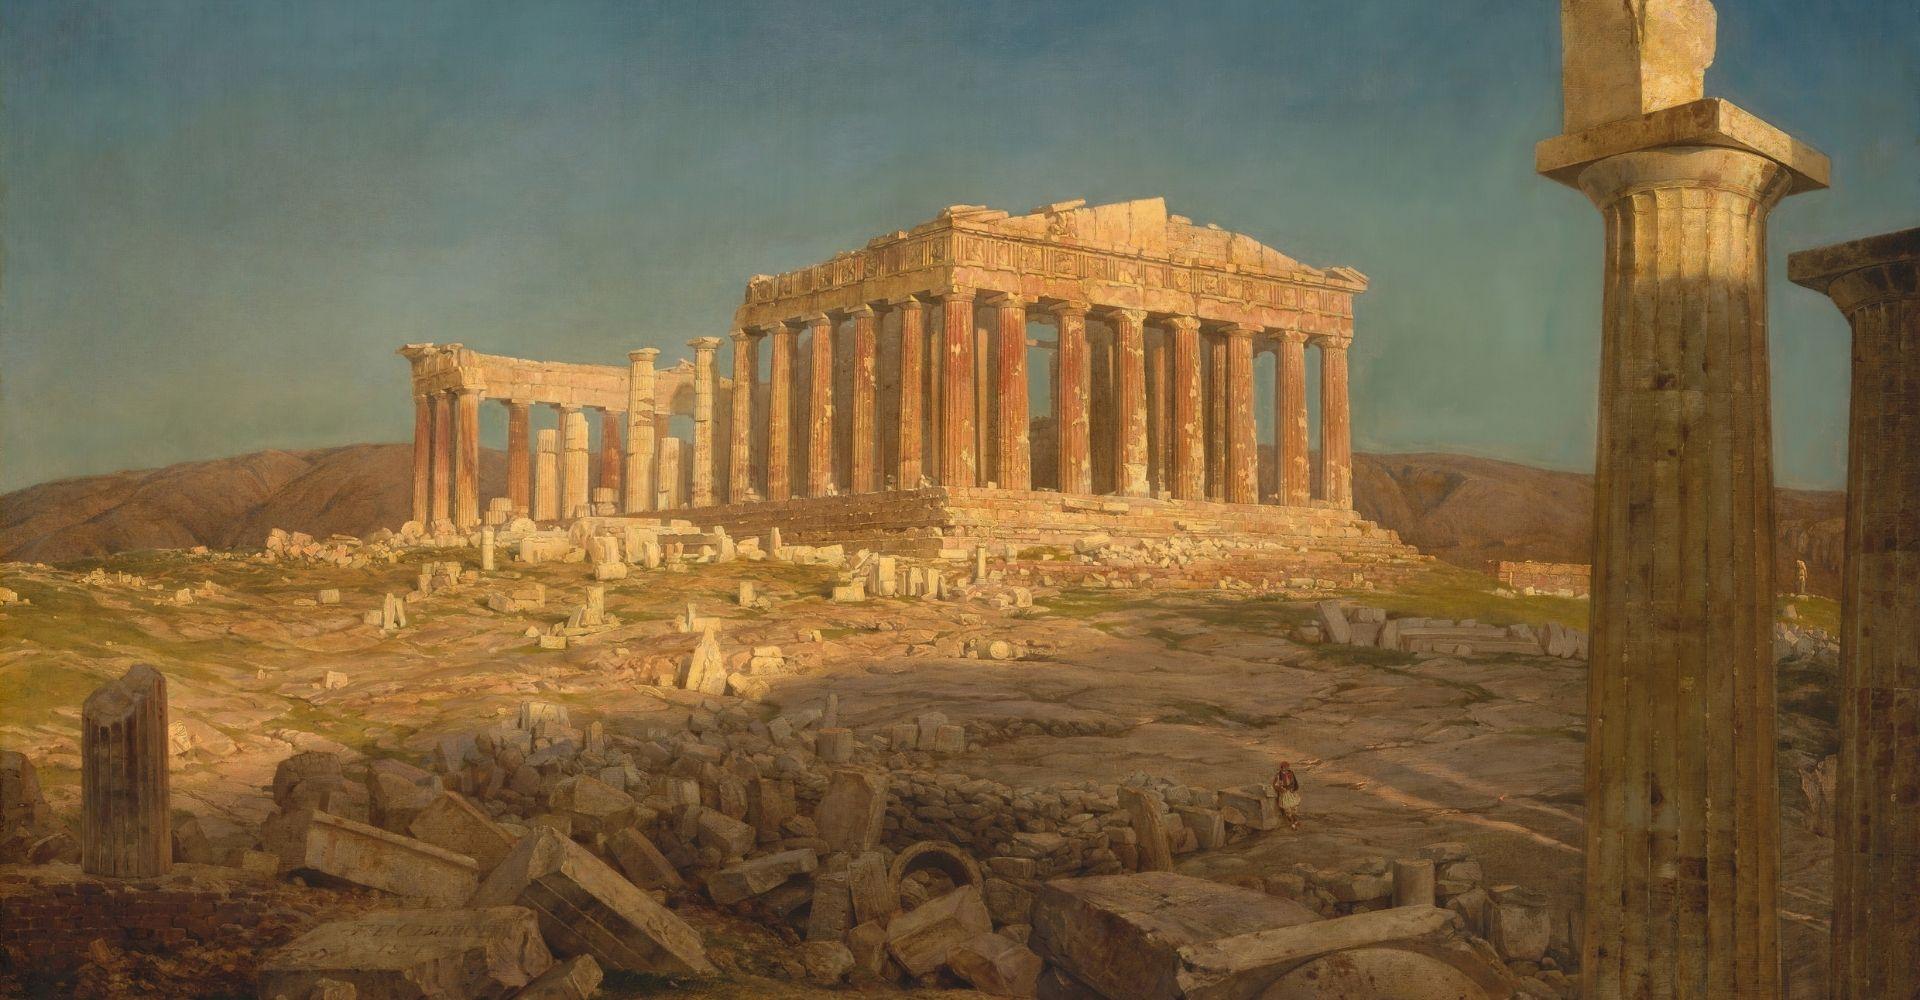 La concezione di vita e morte nell'antica Grecia, raccontata da Nicola Gardini